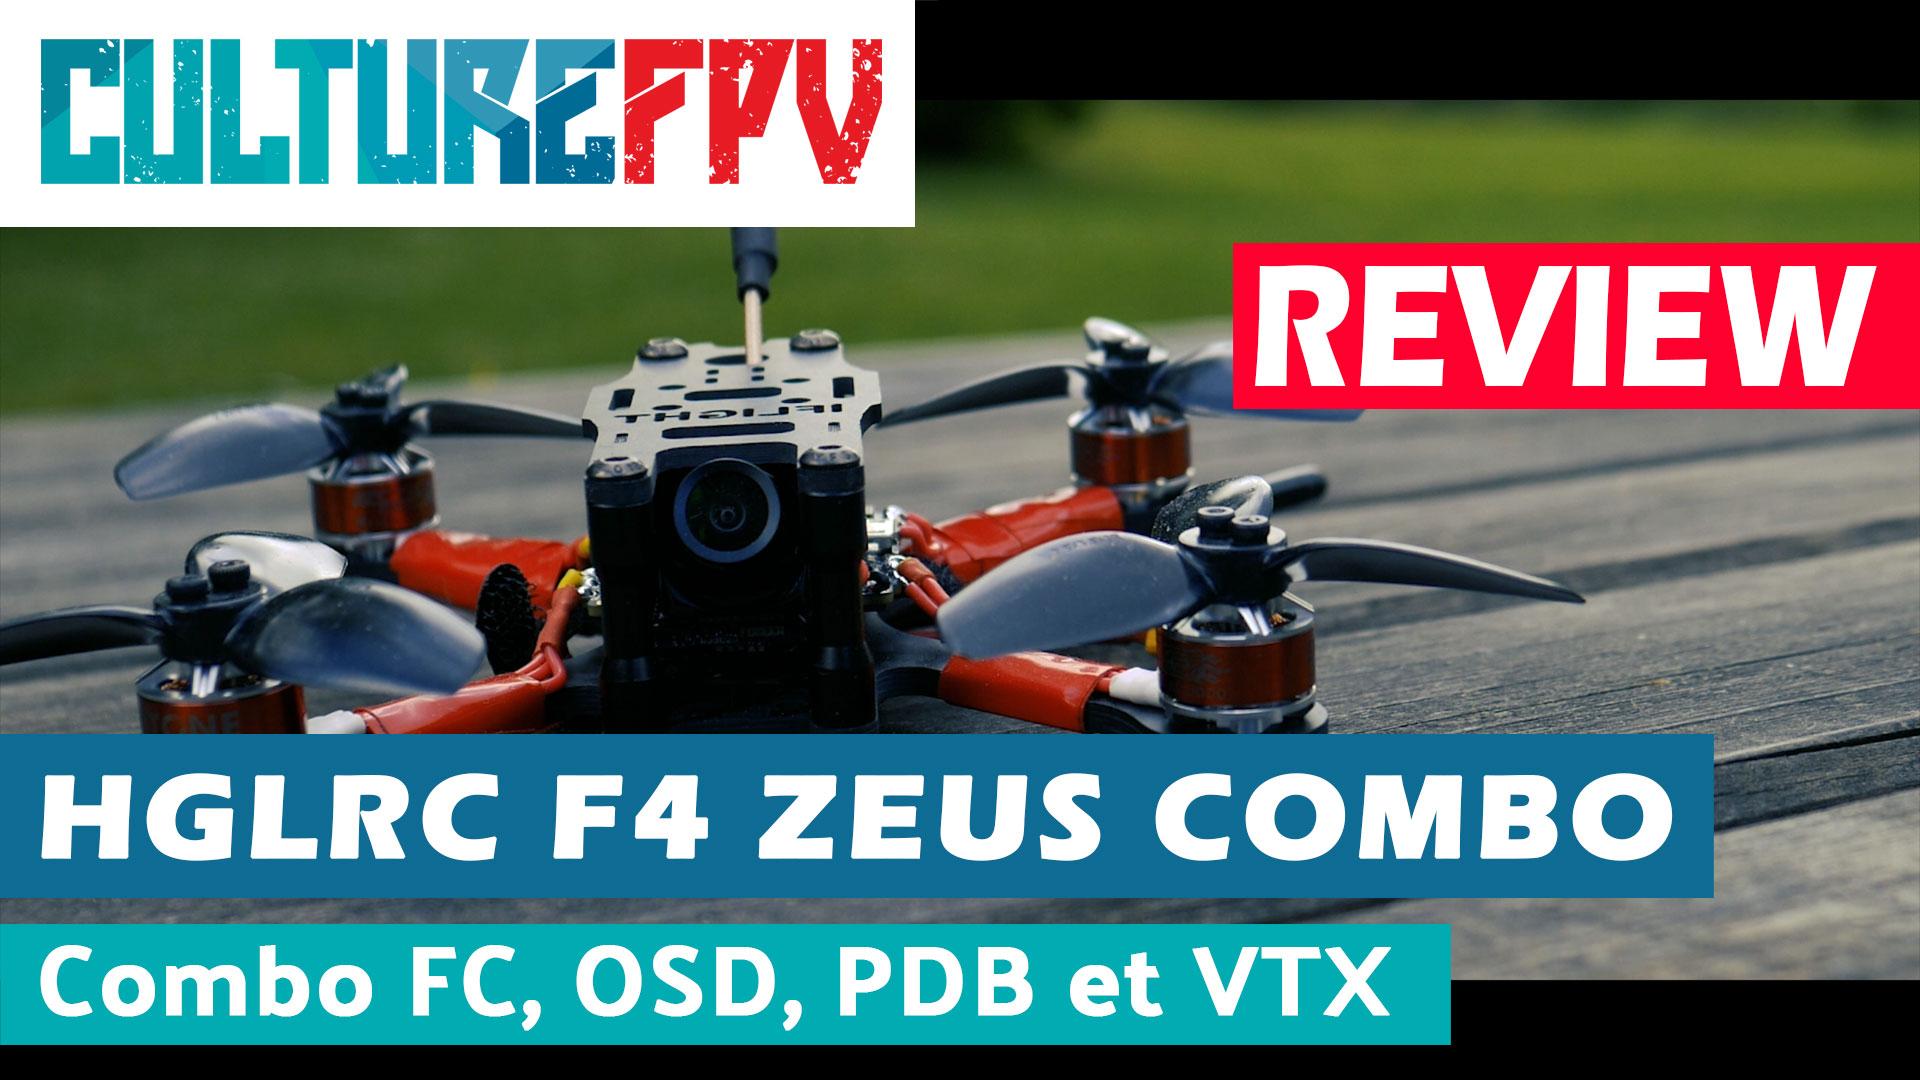 HGLRC F4 ZEUS